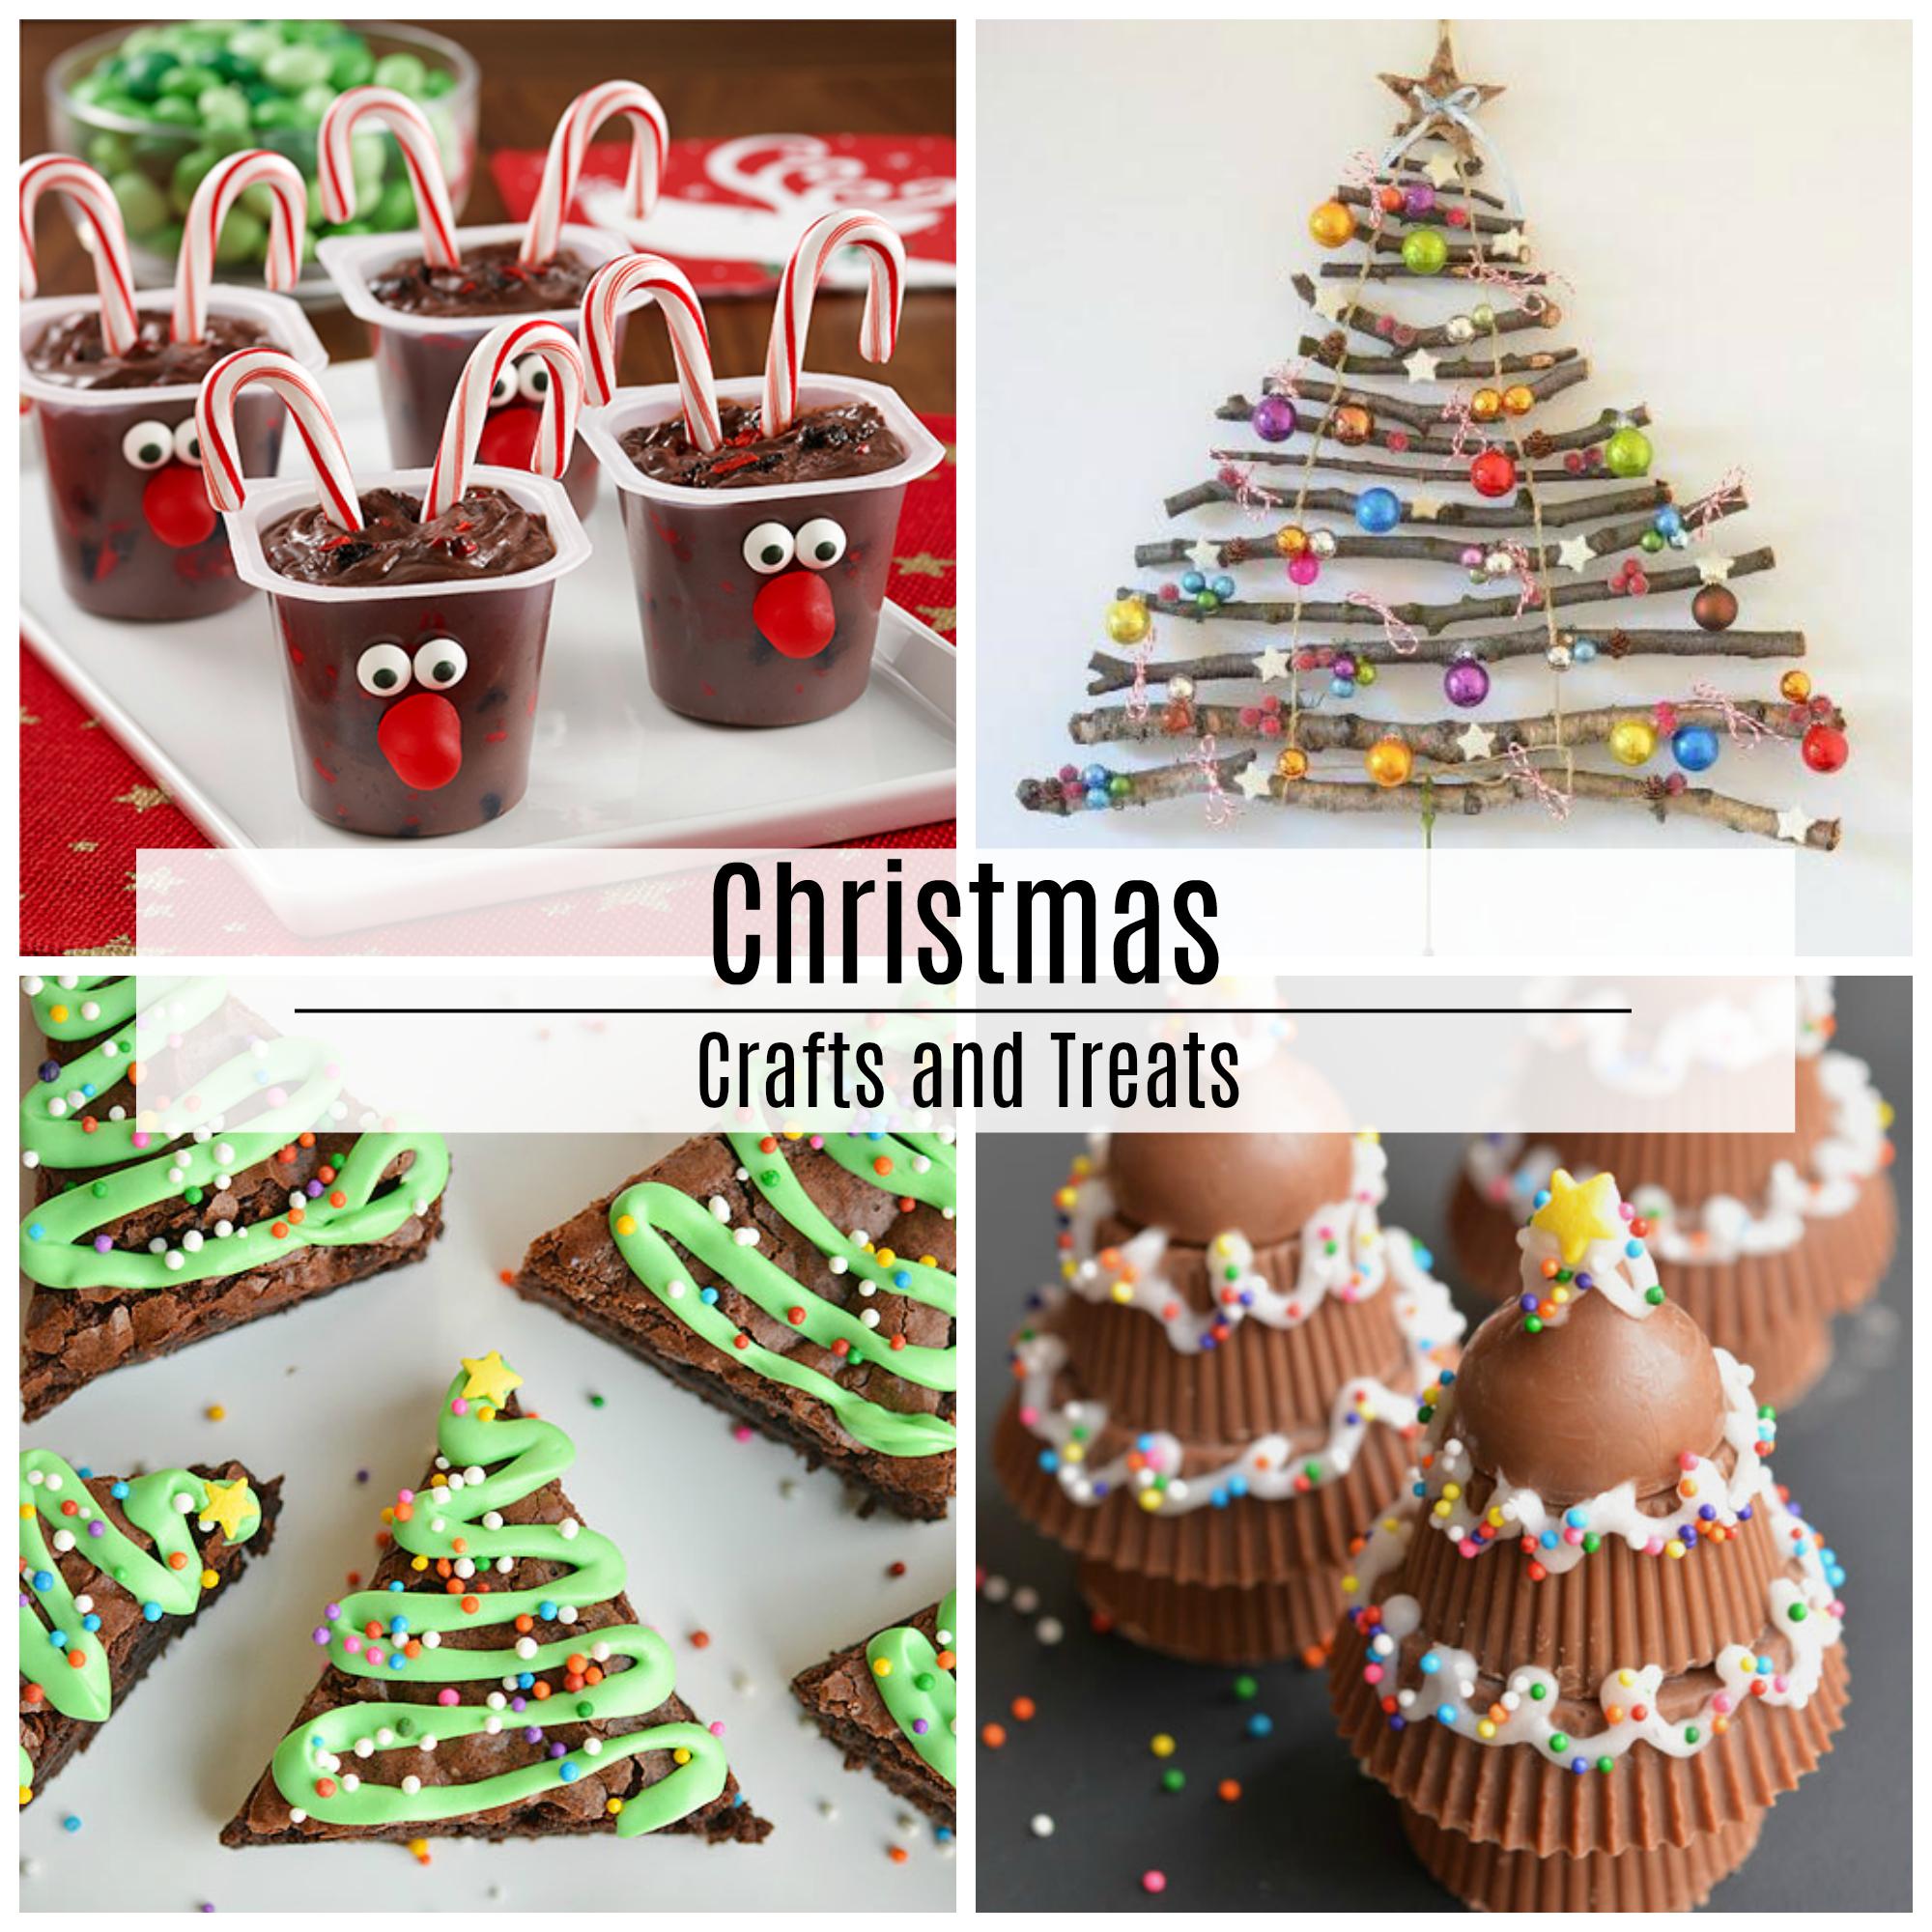 Christmas-Crafts-Treats-Holidays